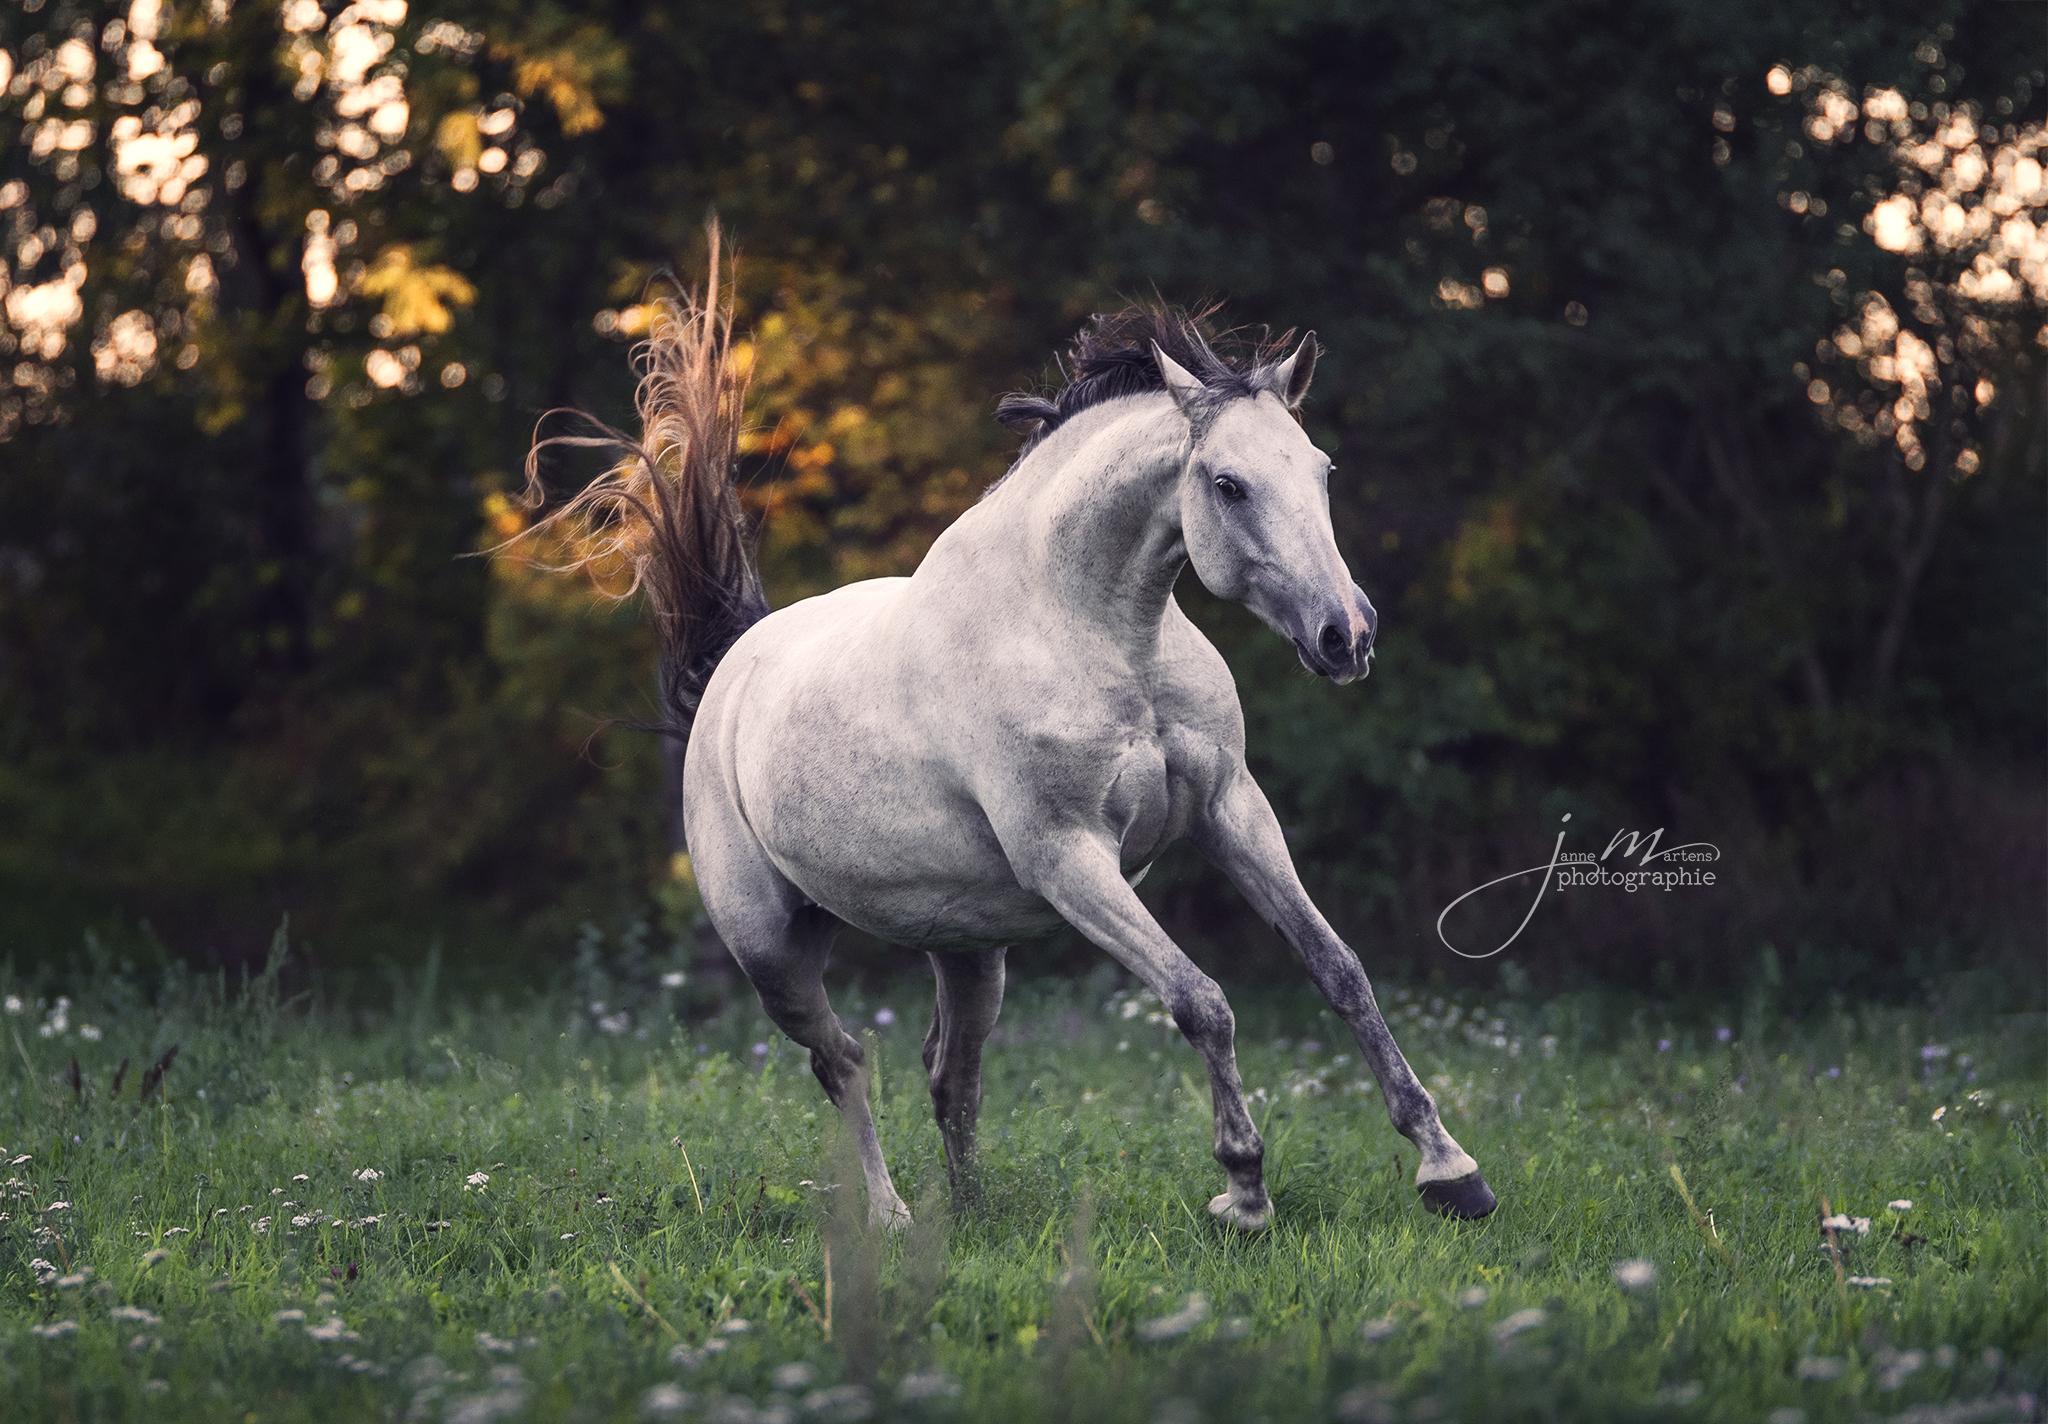 Die Bedürfnisse des Pferdes achten [2/3] – in der Fotografie